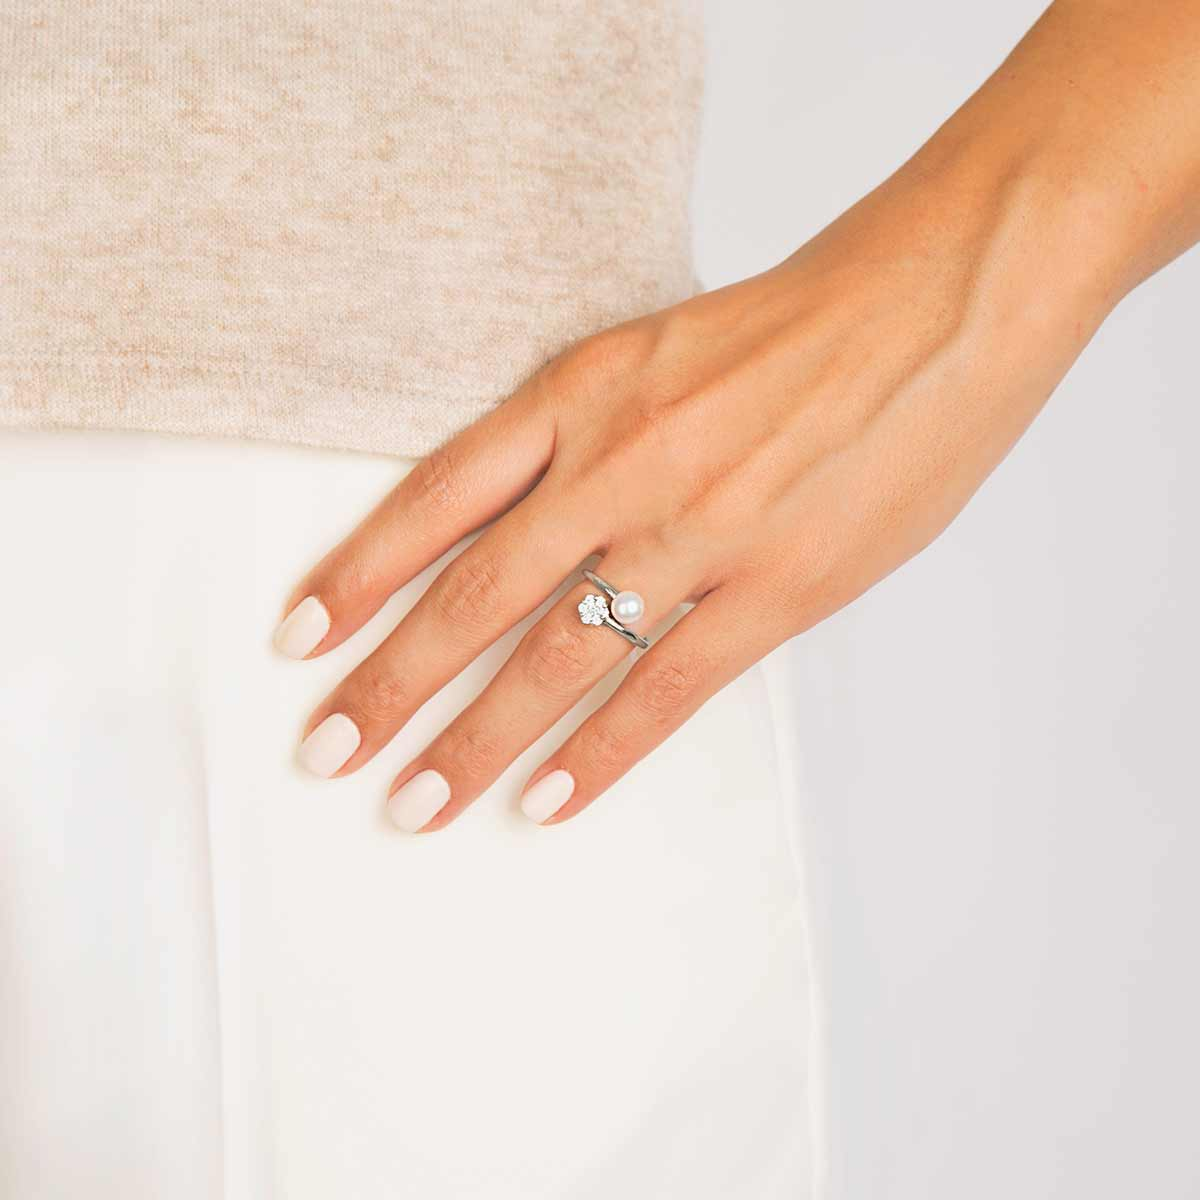 انگشتر طلا flower و مروارید پرسته